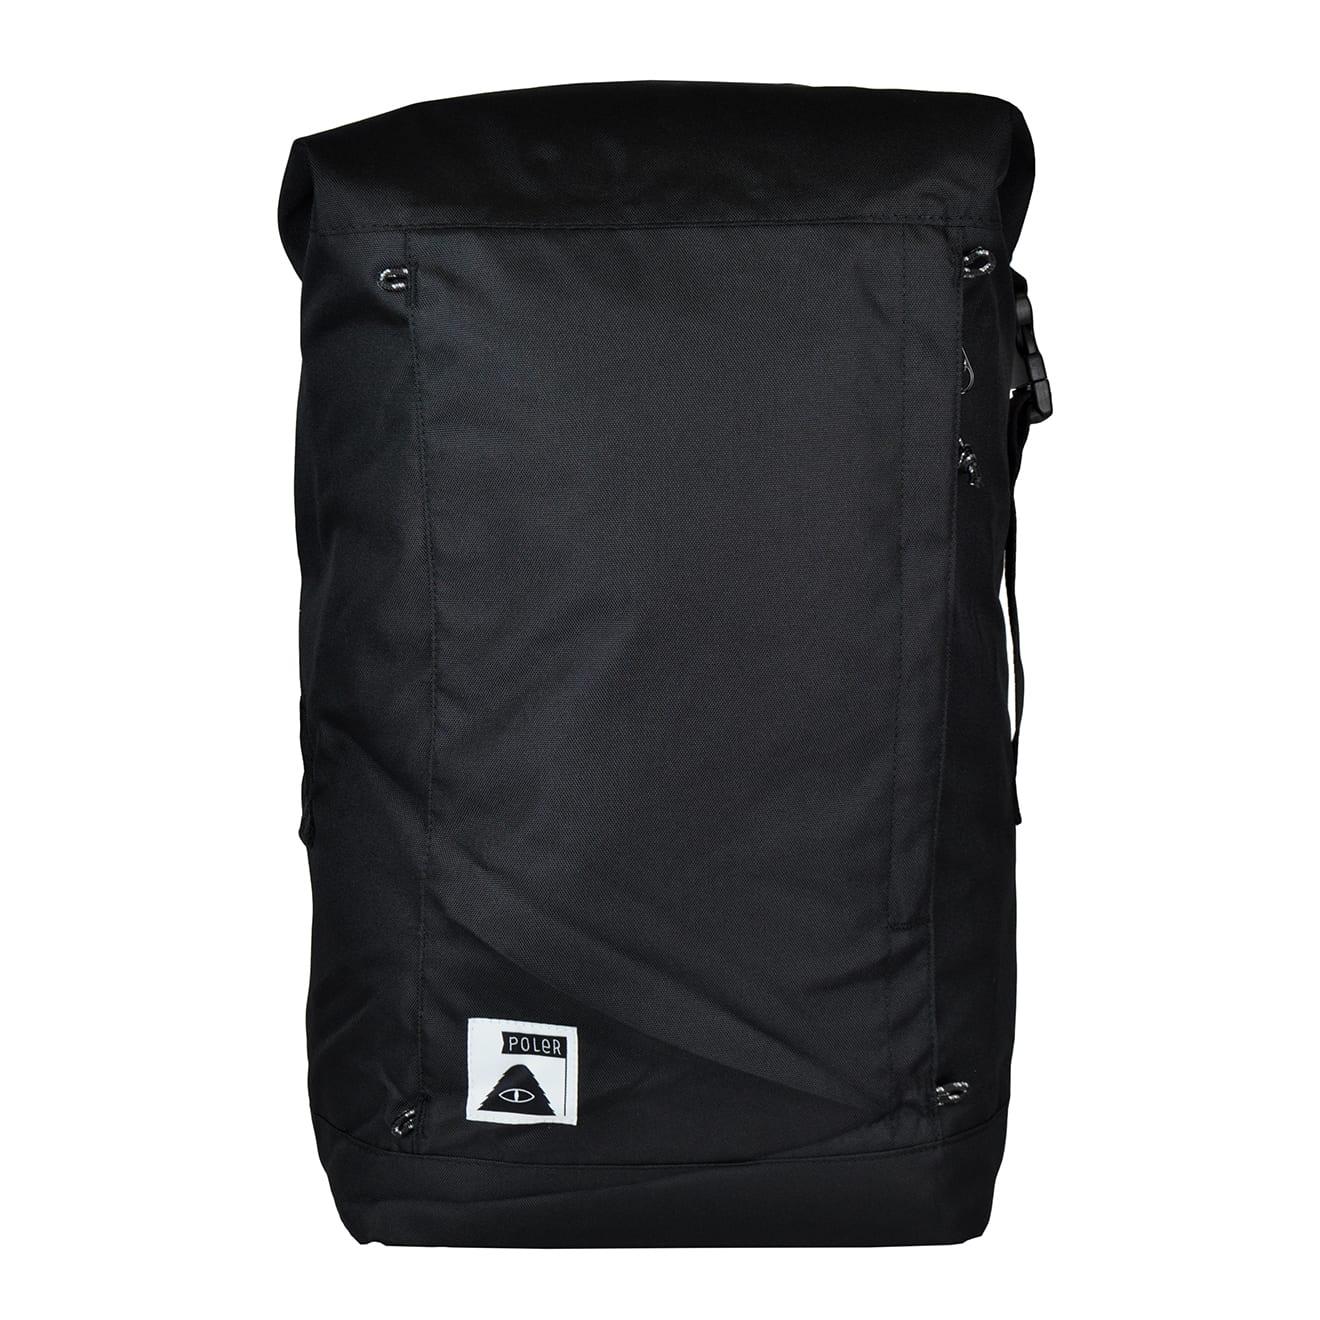 Poler Rolltop Backpack Black